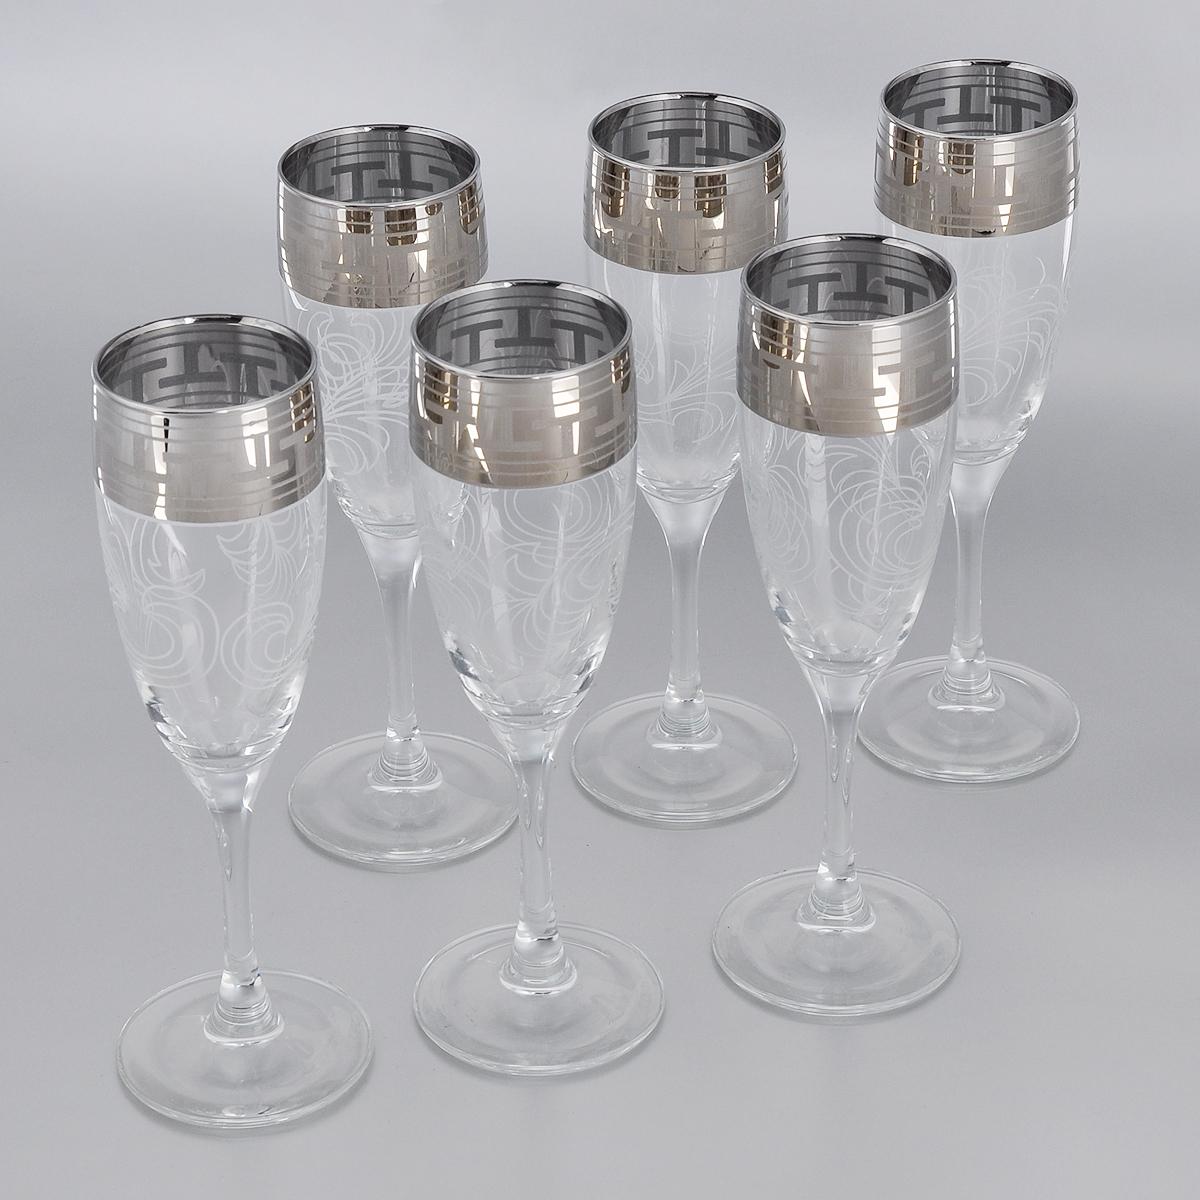 Набор бокалов Гусь-Хрустальный Греческий узор, 170 мл, 6 штGE01-1687Набор Гусь-Хрустальный Греческий узор состоит из 6 бокалов на длинных тонких ножках, изготовленных из высококачественного натрий-кальций-силикатного стекла. Изделия оформлены красивым зеркальным покрытием и белым матовым орнаментом. Бокалы предназначены для шампанского или вина. Такой набор прекрасно дополнит праздничный стол и станет желанным подарком в любом доме. Разрешается мыть в посудомоечной машине. Диаметр бокала (по верхнему краю): 5 см. Высота бокала: 19 см.